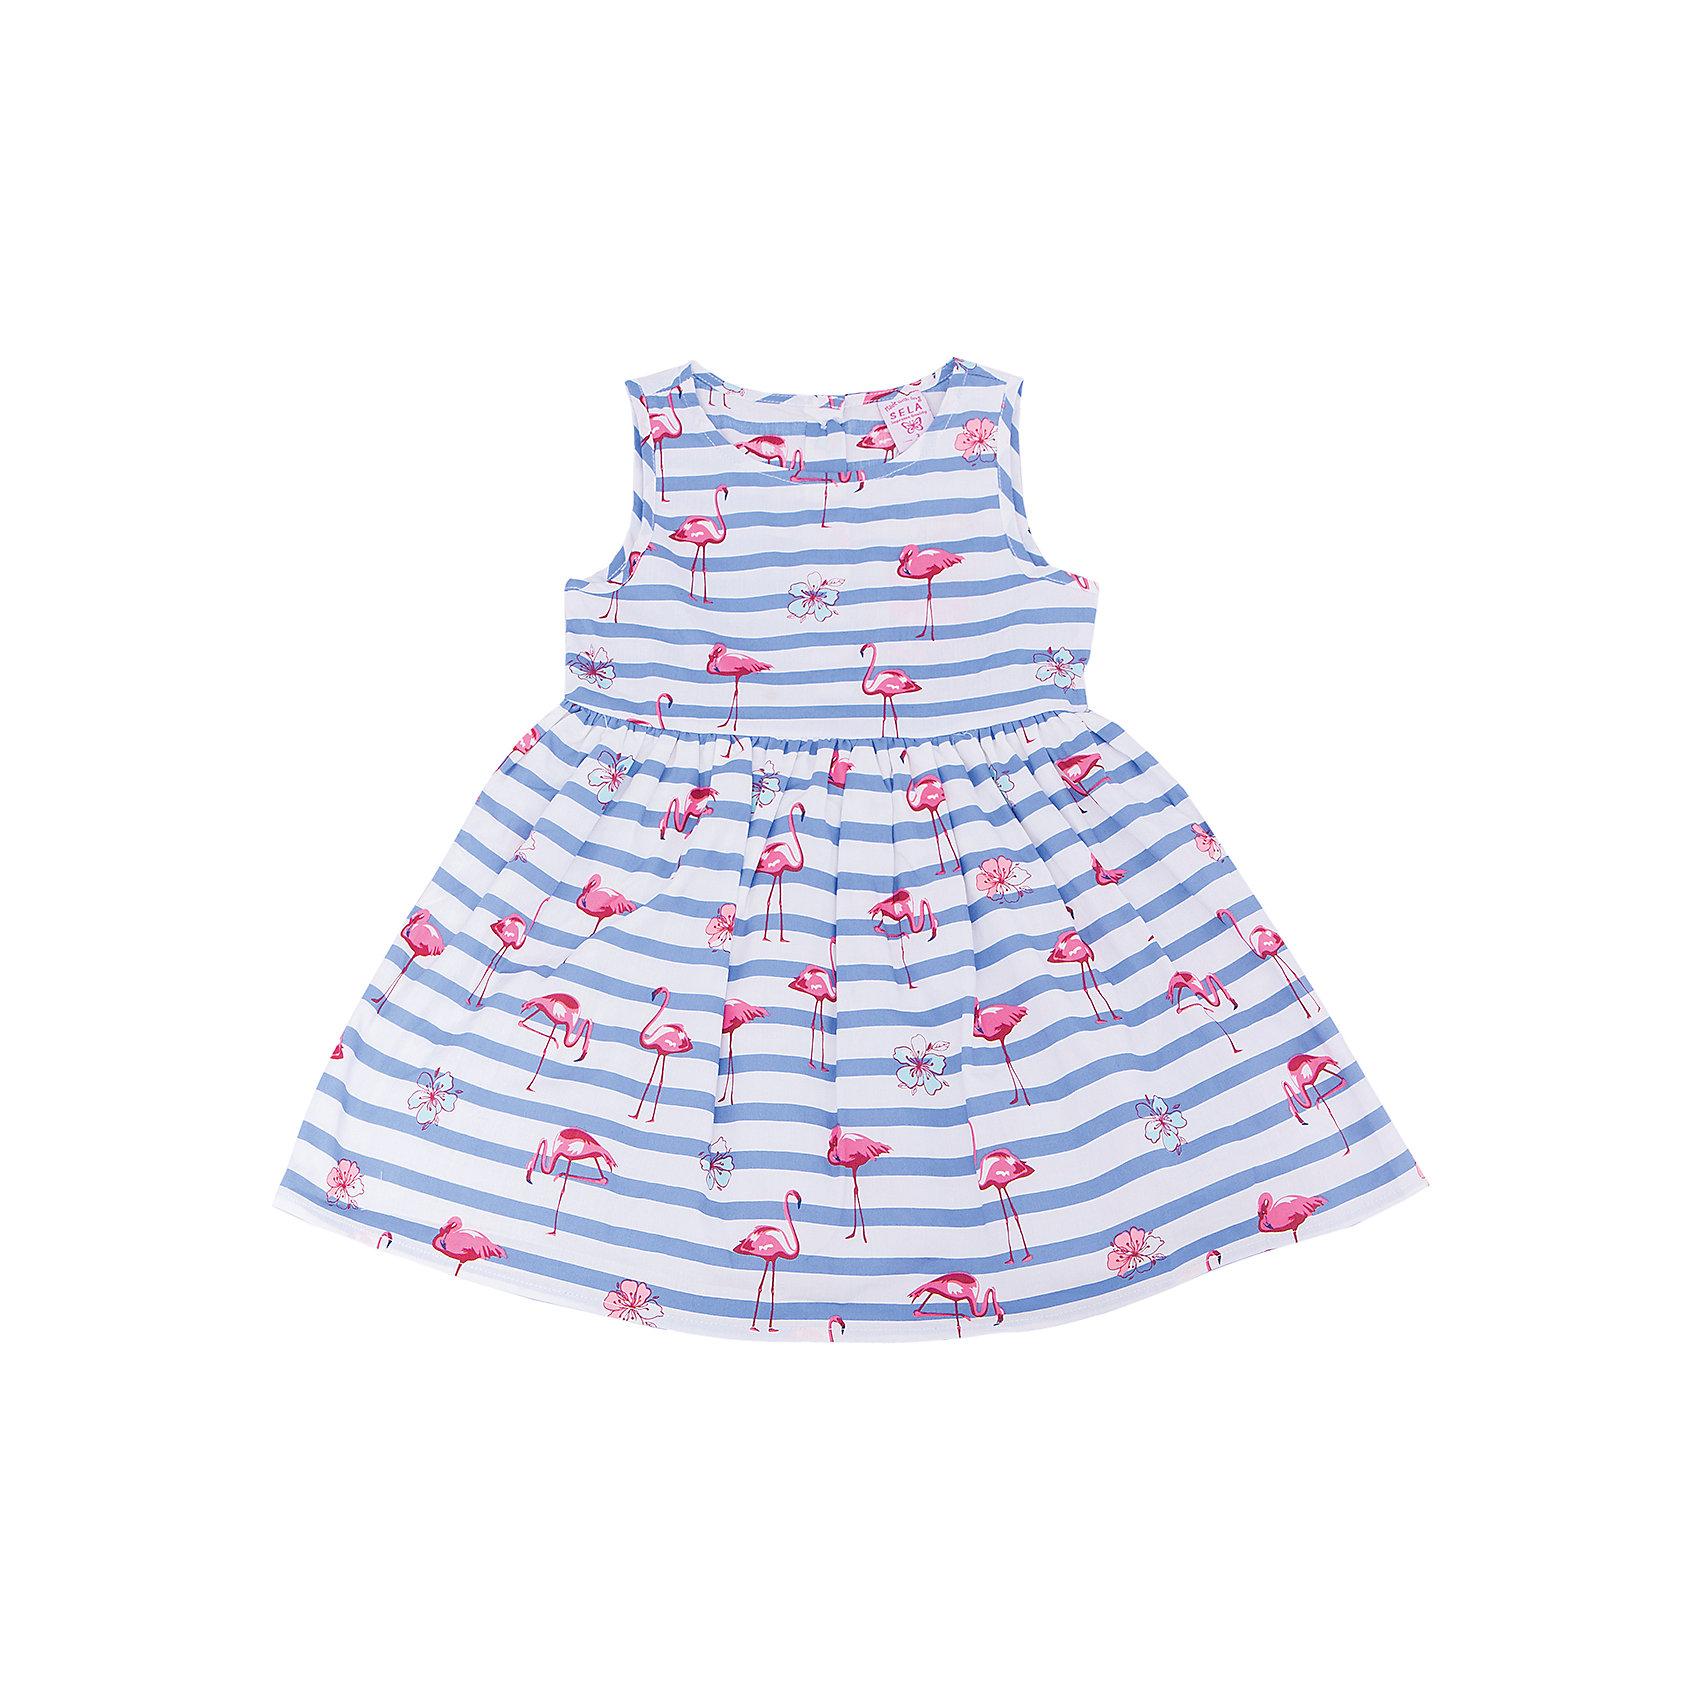 Платье для девочки SELAПолоска<br>Характеристики товара:<br><br>• цвет: разноцветный<br>• состав: 100% хлопок; подкладка: 100% хлопок; отделка: 100% ПЭ<br>• сезон: лето<br>• принт<br>• длина выше колена<br>• корткие рукава<br>• страна бренда: Россия<br><br>Платье для девочки поможет разнообразить гардероб ребенка и обеспечить комфорт.  Оно отлично сочетается с босоножками, сандалями или туфельками. Стильная и удобная вещь!<br><br>Одежда, обувь и аксессуары от российского бренда SELA не зря пользуются большой популярностью у детей и взрослых!<br><br>Платье для девочки от популярного бренда SELA (СЕЛА) можно купить в нашем интернет-магазине.<br><br>Ширина мм: 236<br>Глубина мм: 16<br>Высота мм: 184<br>Вес г: 177<br>Цвет: голубой<br>Возраст от месяцев: 60<br>Возраст до месяцев: 72<br>Пол: Женский<br>Возраст: Детский<br>Размер: 116,98,104,110<br>SKU: 5305462